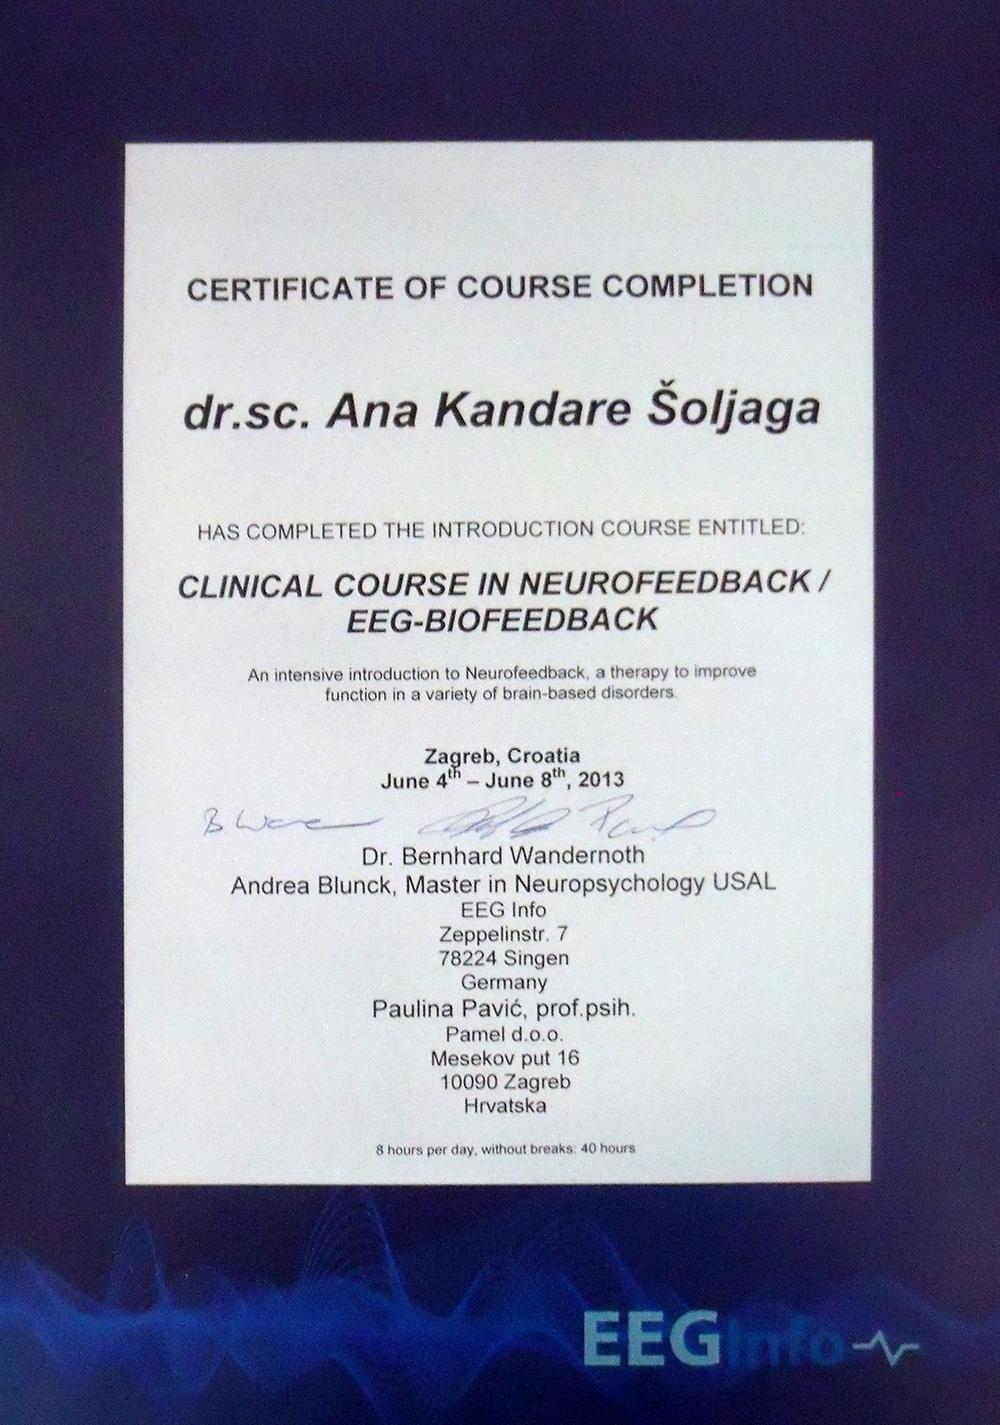 Neurofeedback terapija kojom se poboljšavaju funkcije mozga